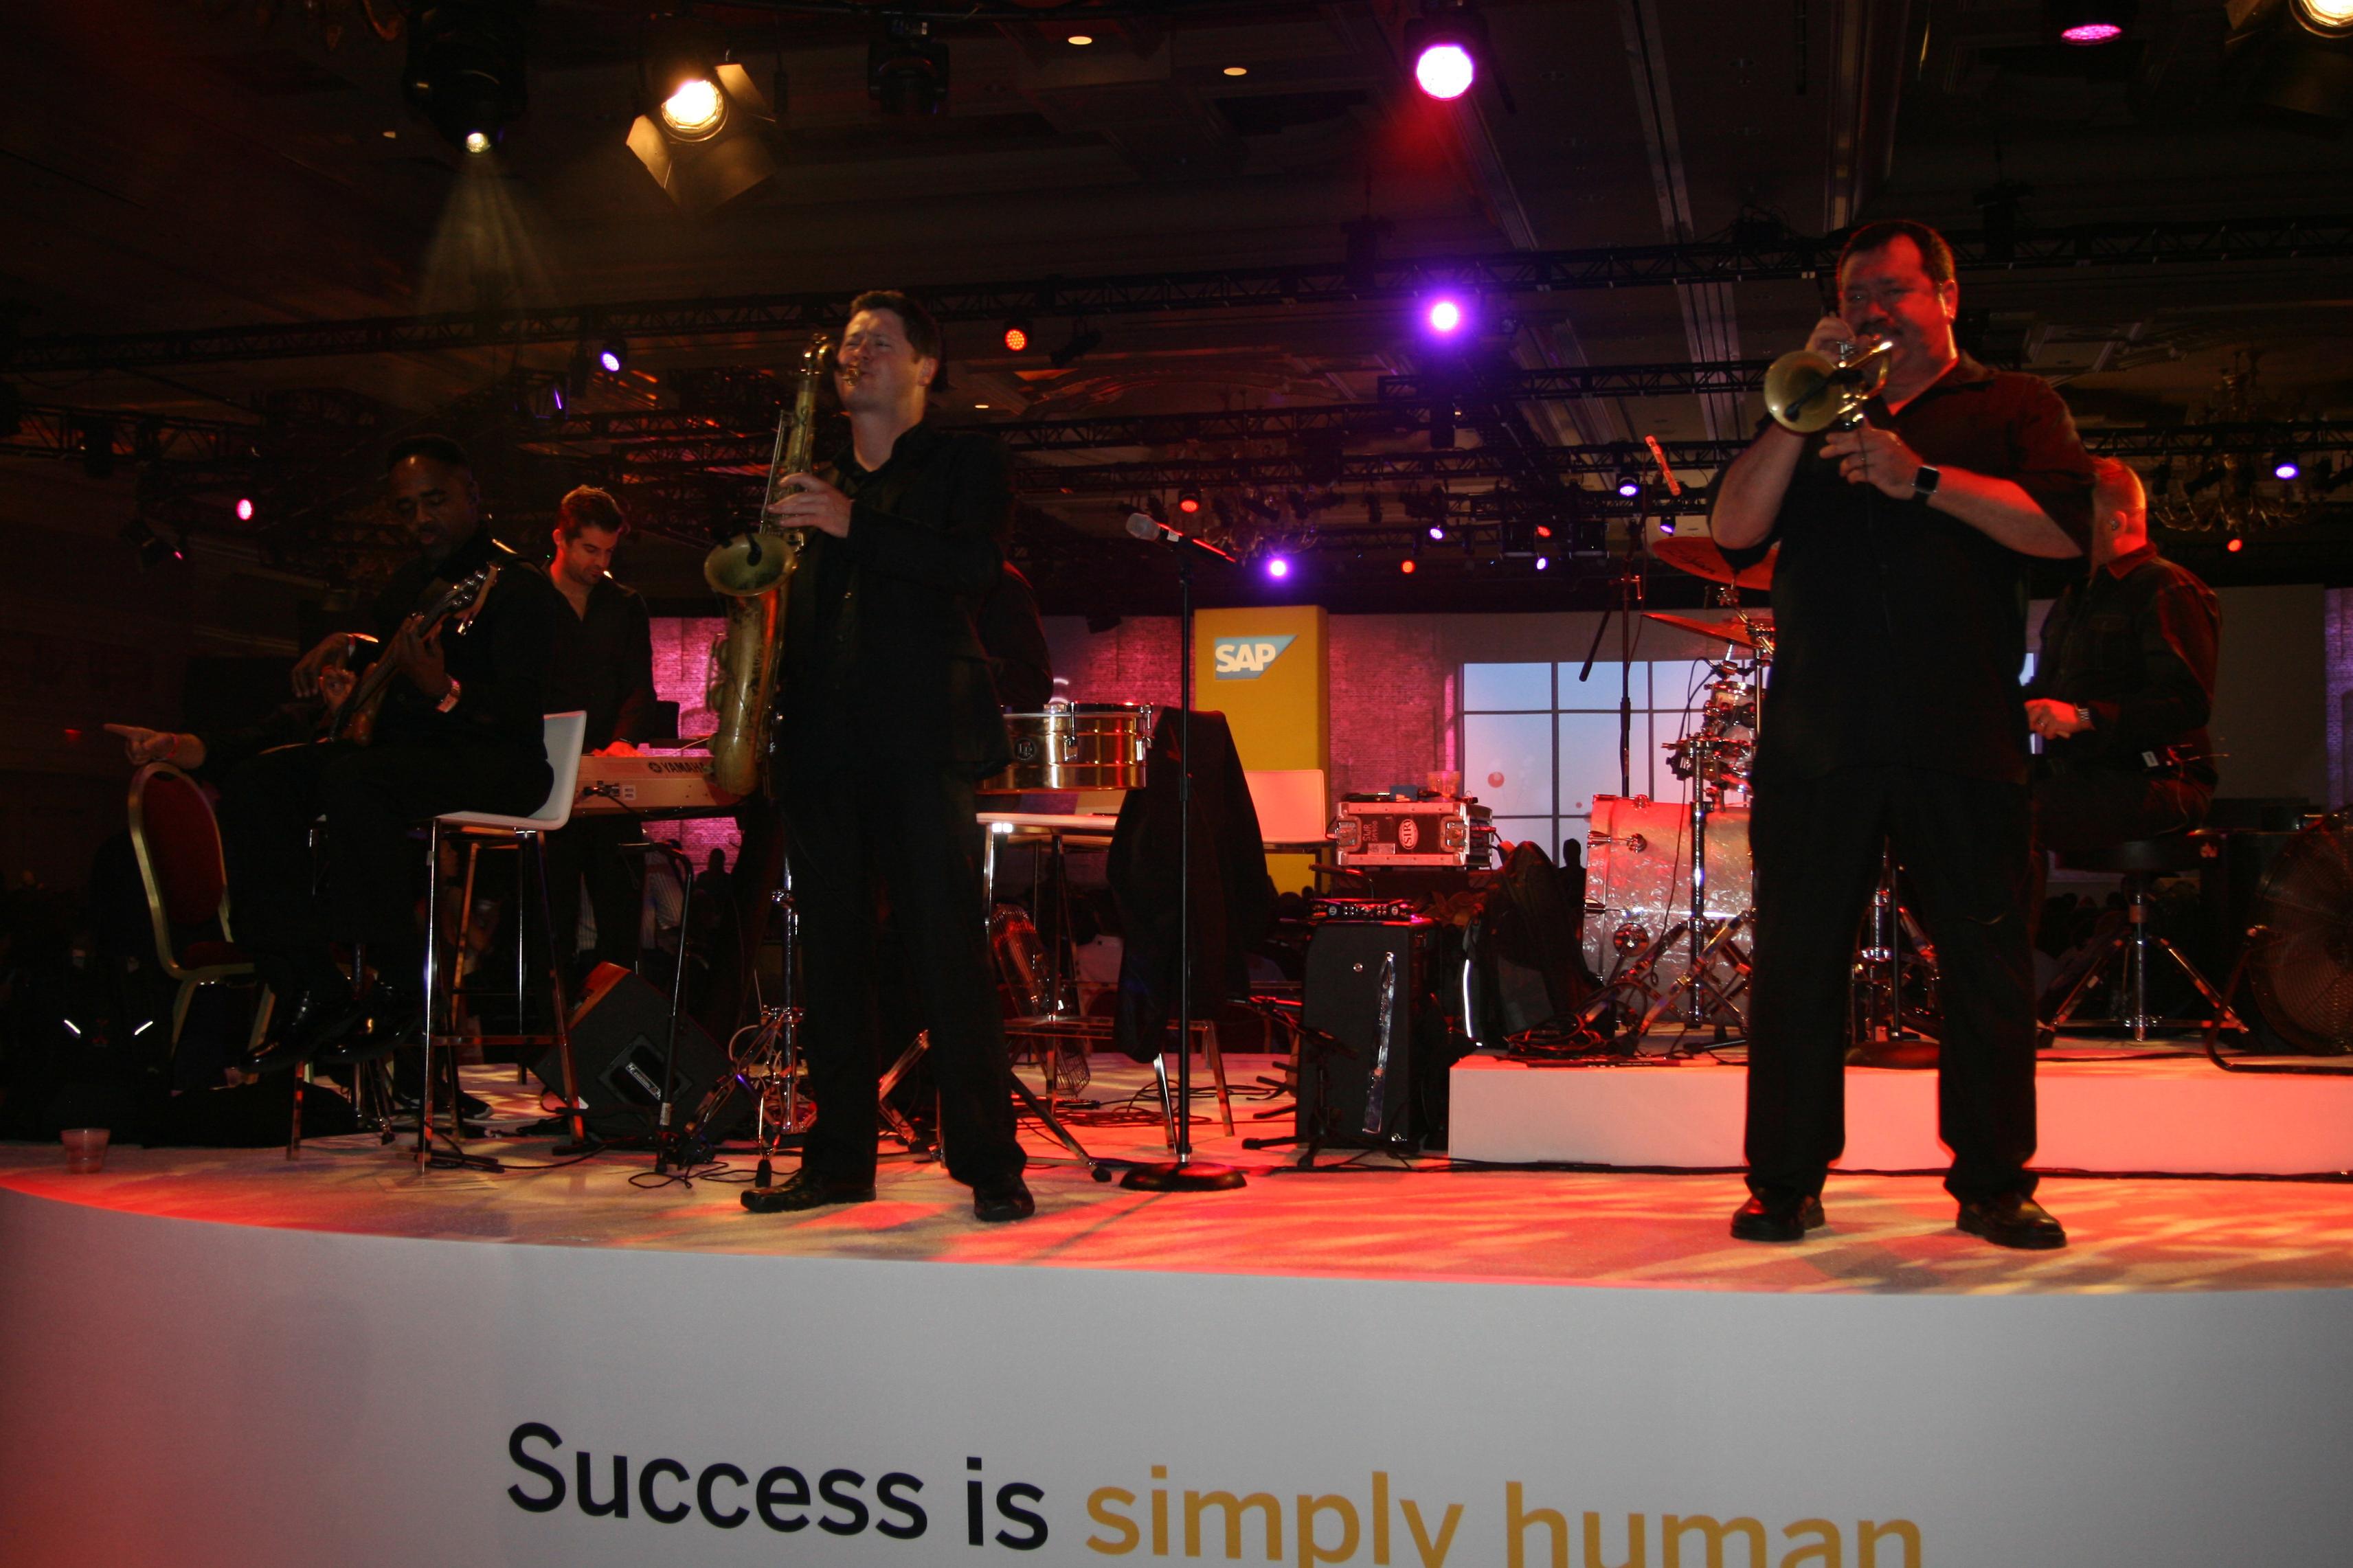 SAP Slideshow 5 - Big band